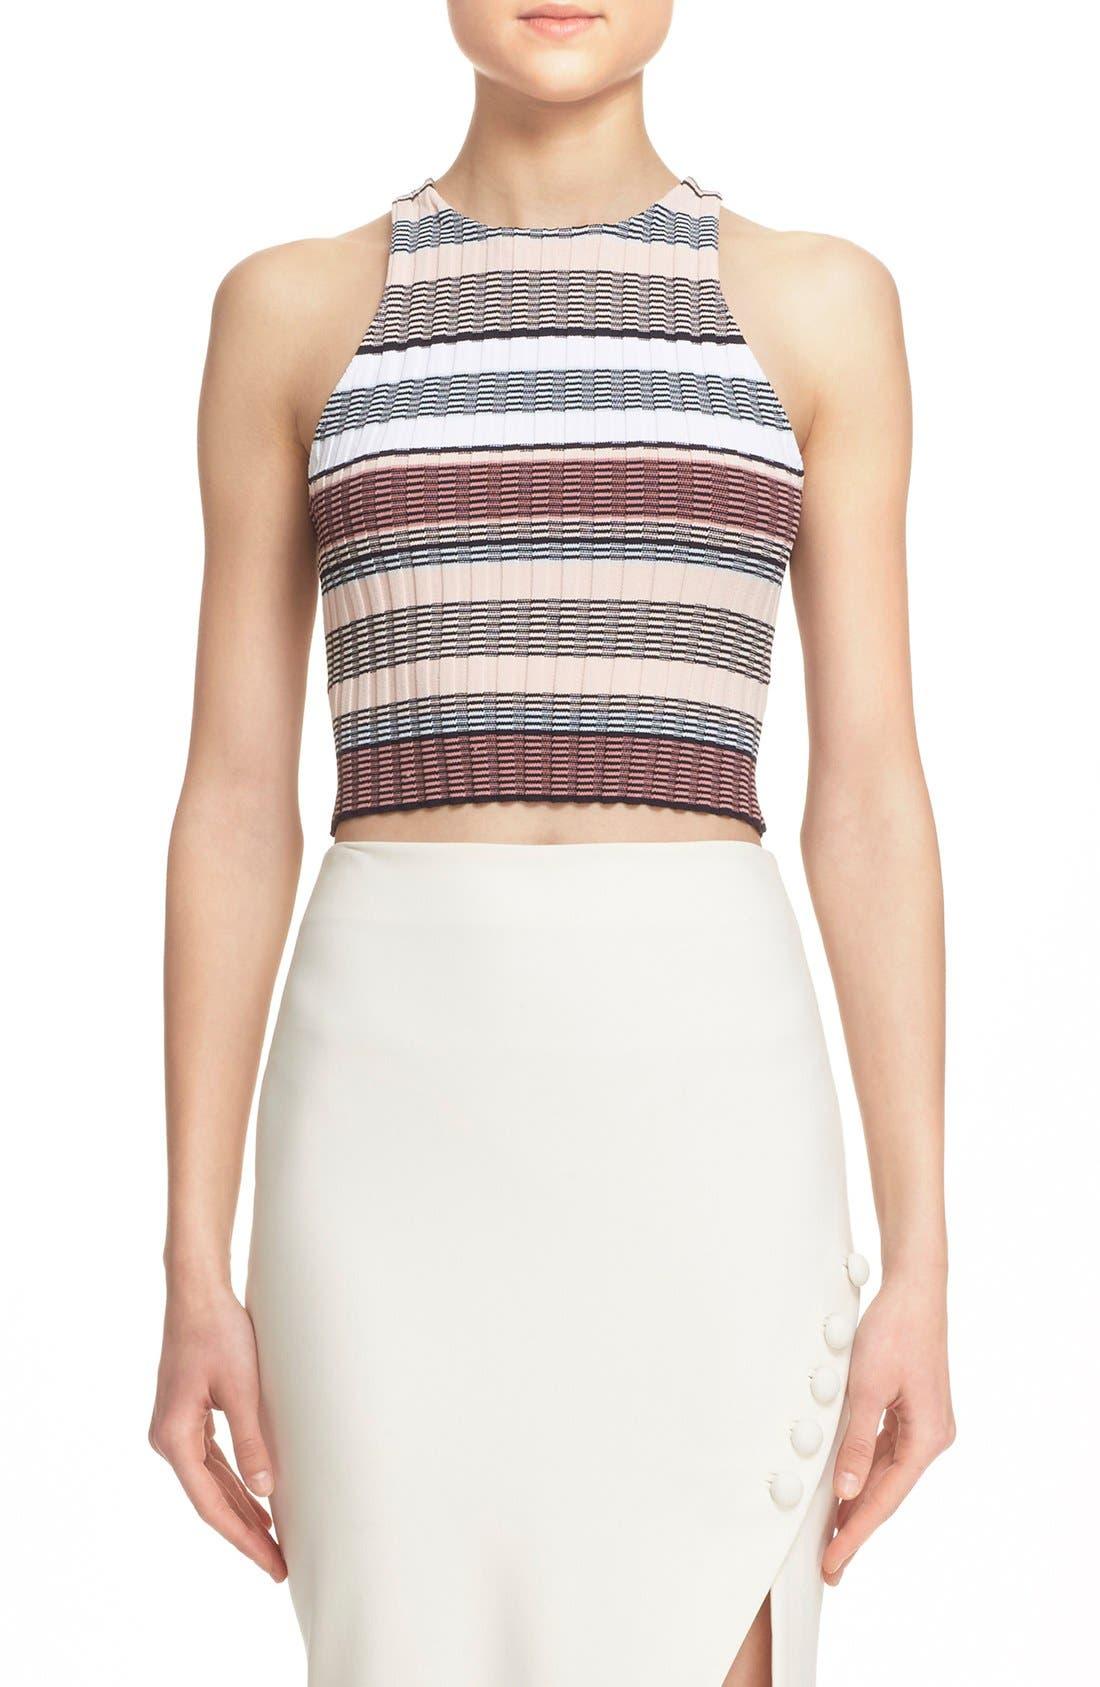 Stripe Racerback Crop Top,                         Main,                         color, Pink Multi